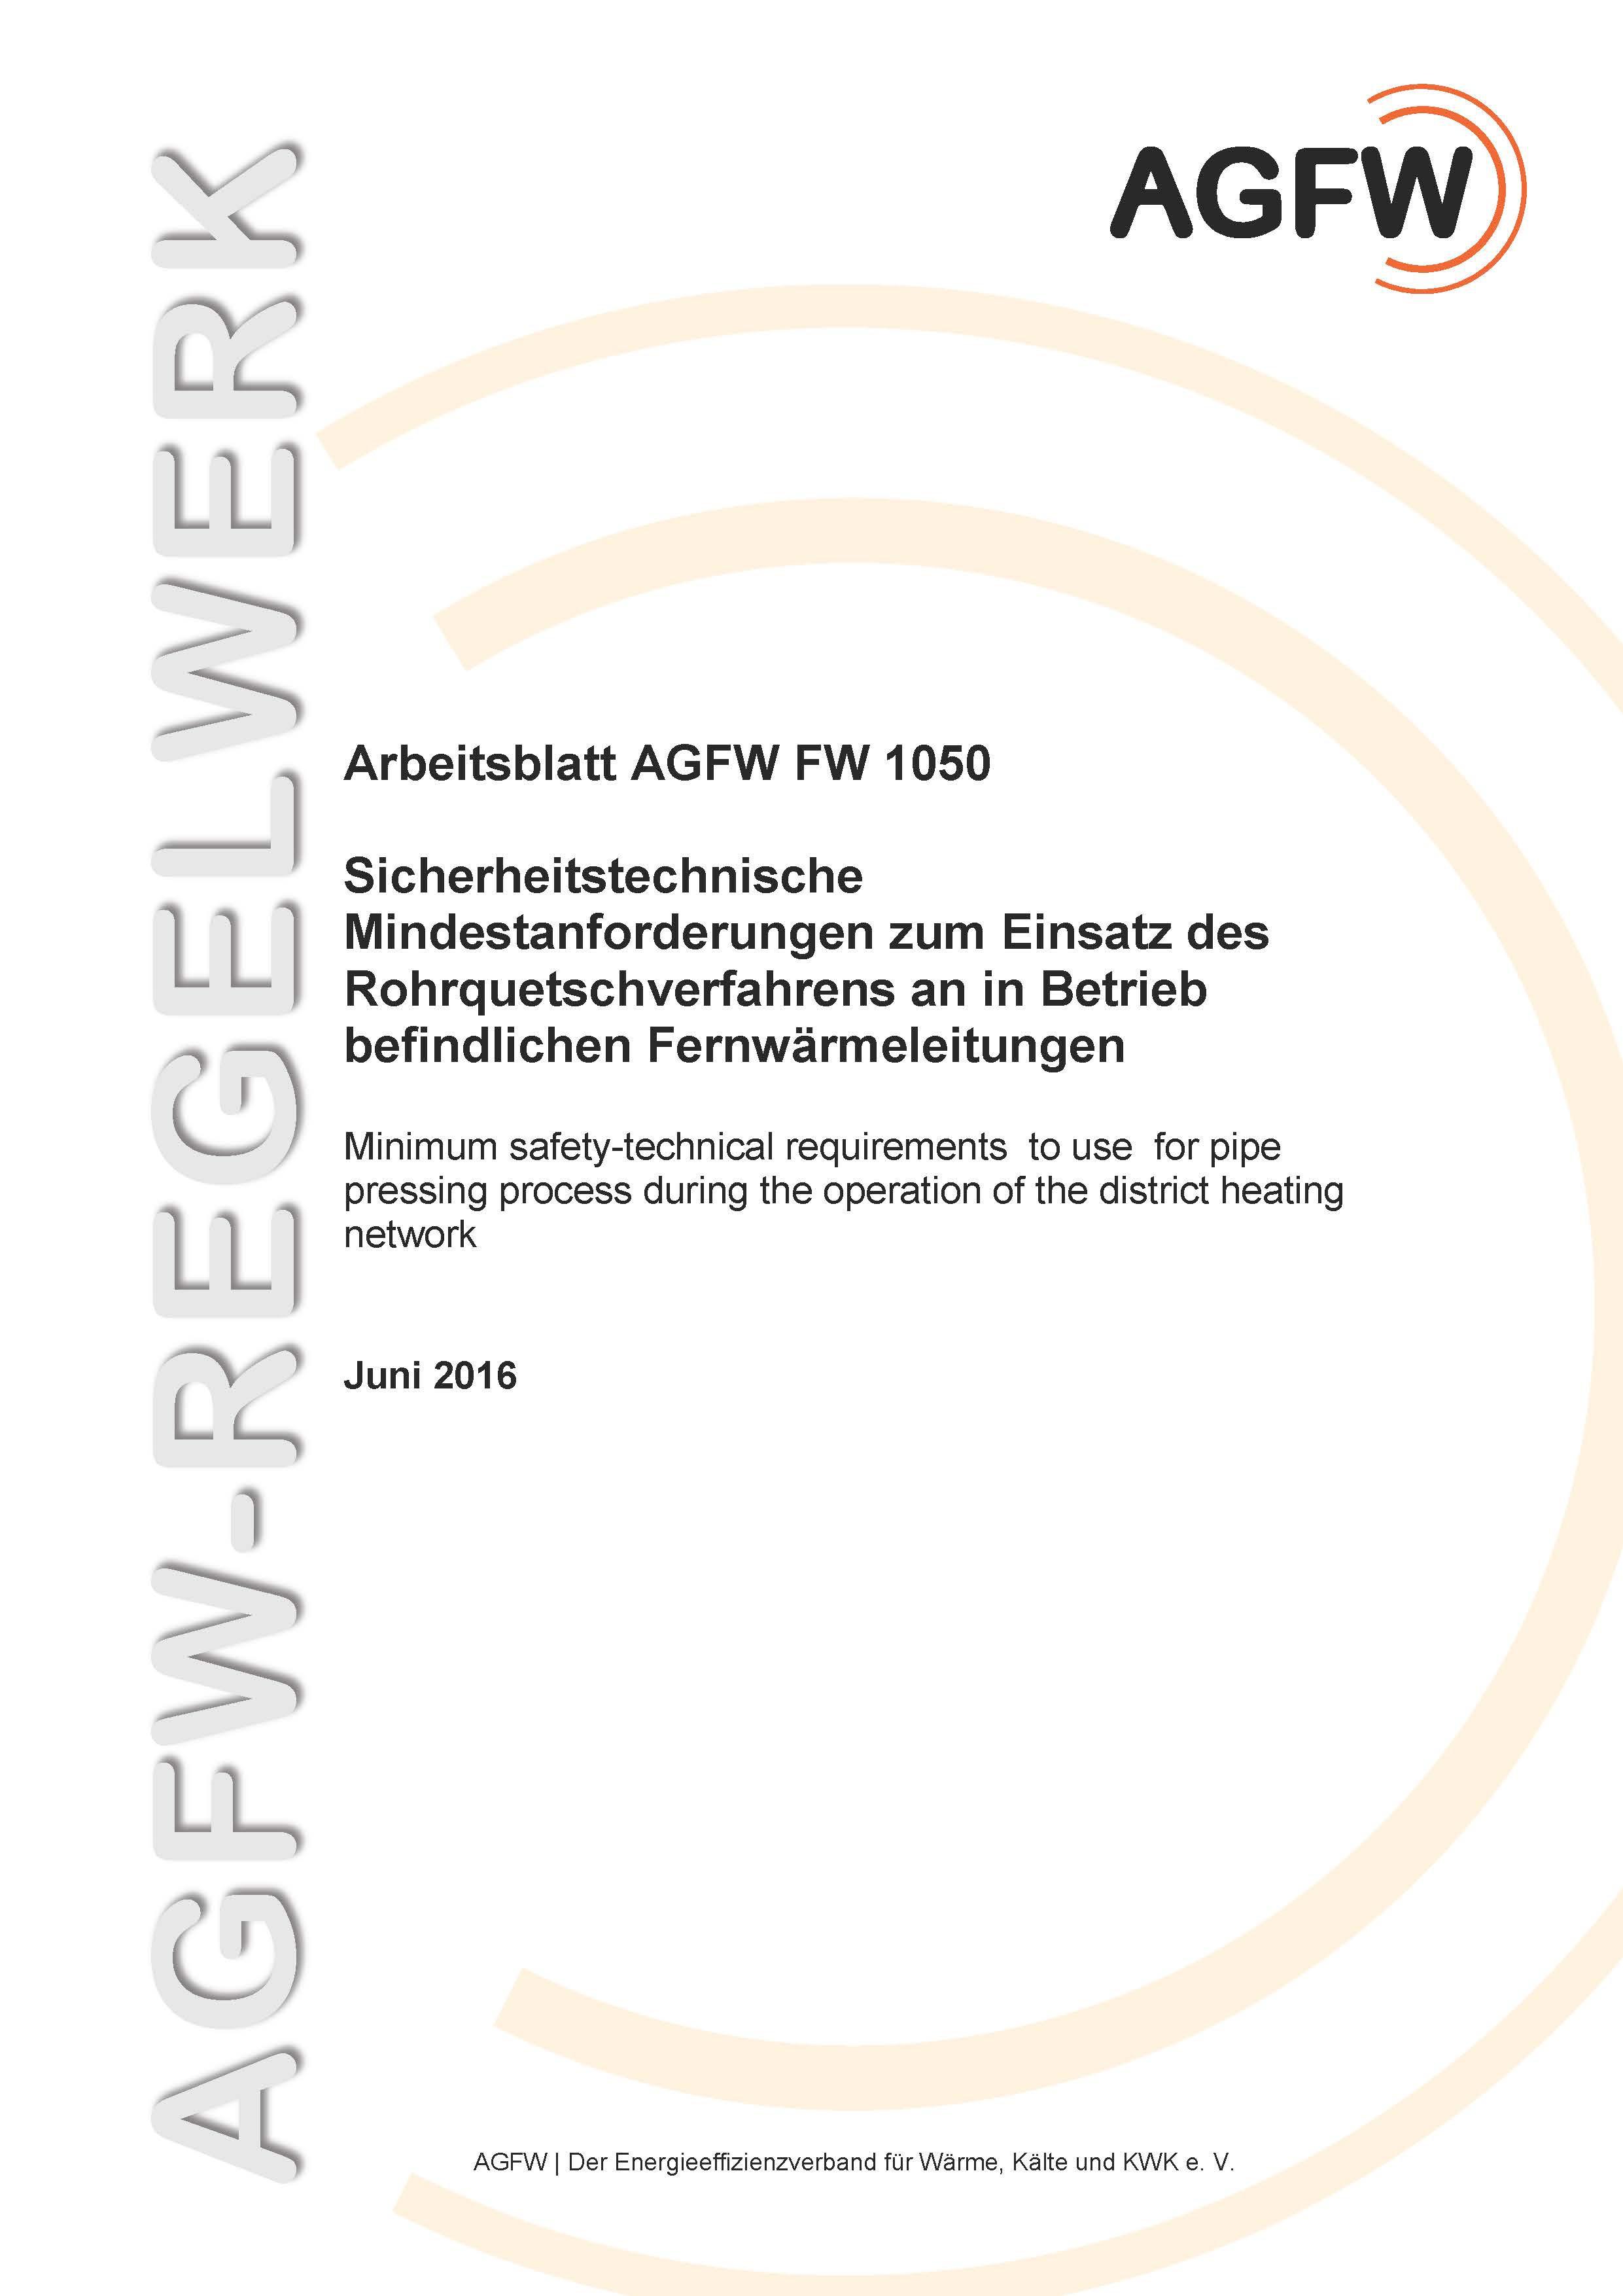 FW 1050 - Sicherheitstechnische Mindestanforderungen zum Einsatz des ...